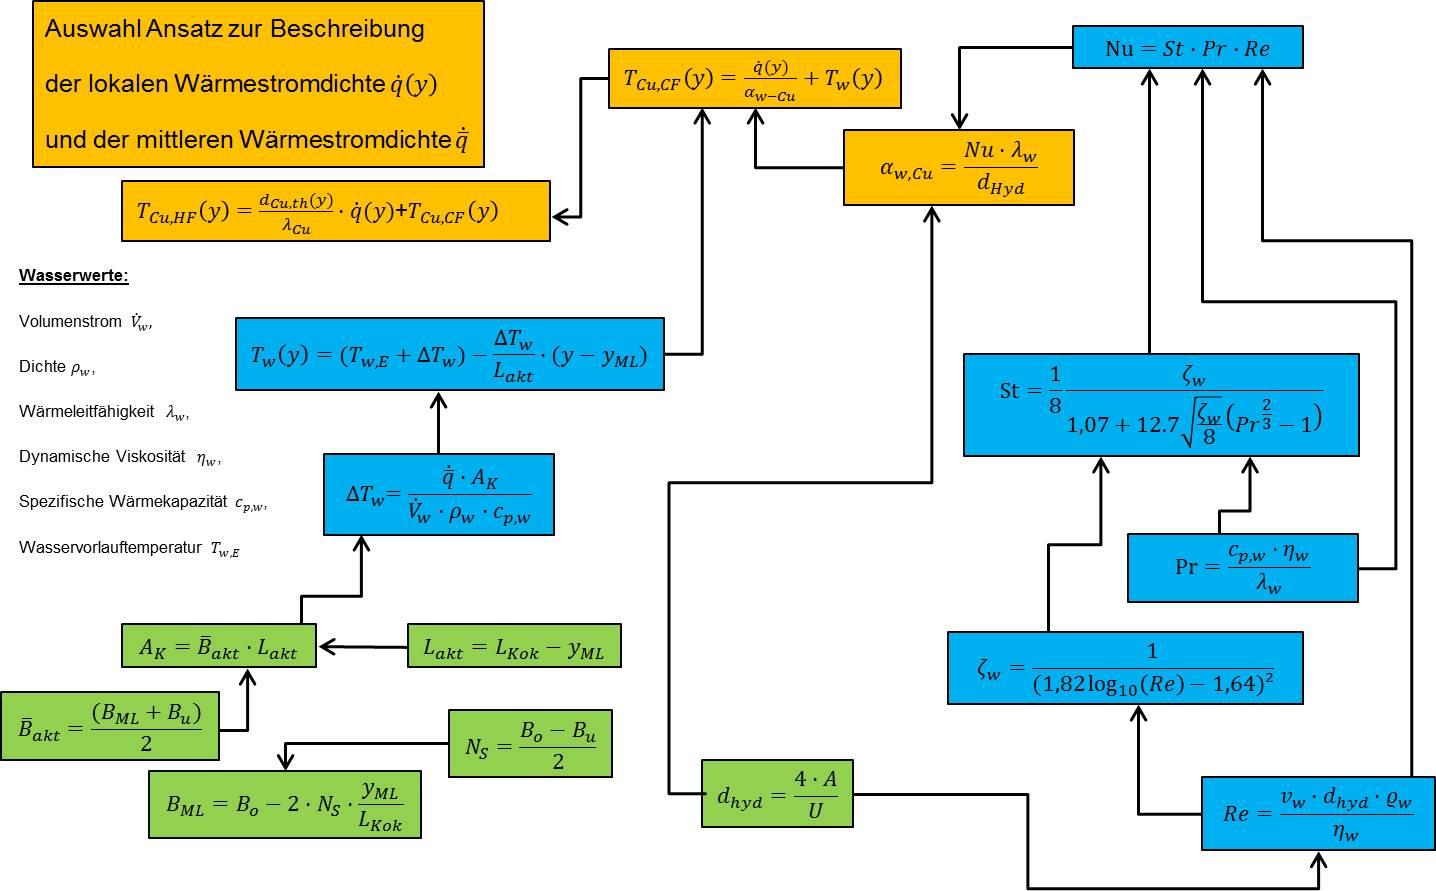 Bild 6: Geometrische Beziehungen und thermisch-fluidtechnische Formelzusammenhänge. (Bild: SMS Siemag)